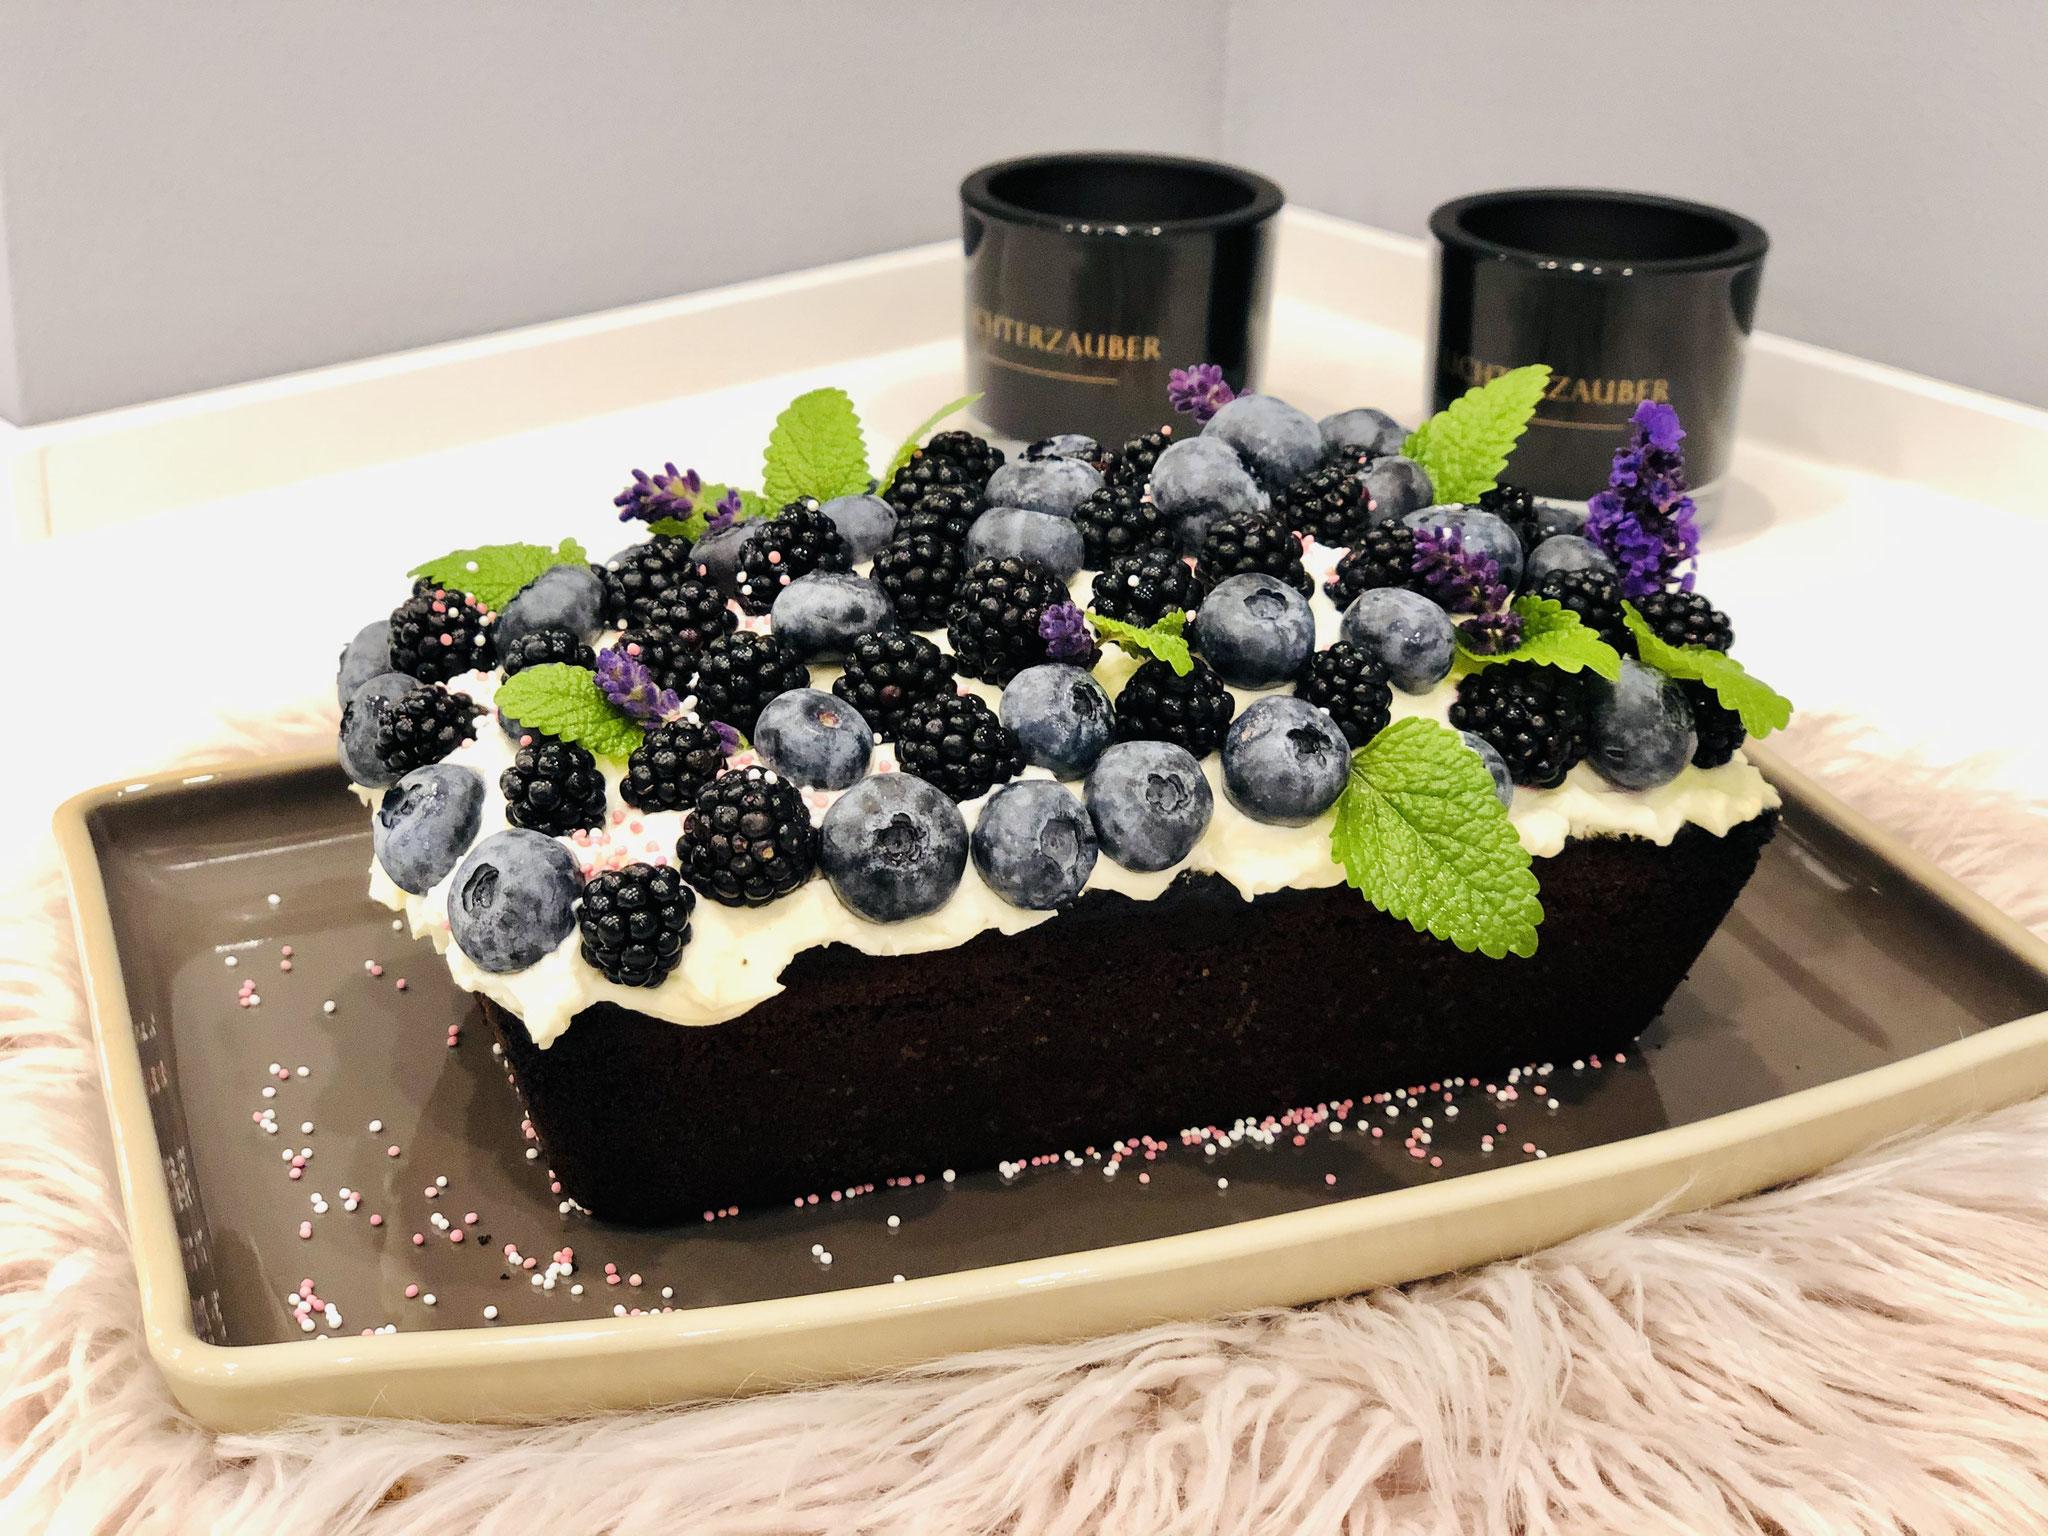 Entweder zauberst du dir wie ich hier eine Torte aus dem Kuchen oder du gibst einfach nur Puderzucker aus dem Streufix über den Kuchen oder überziehst diesen mit Schokoglasur... lass deiner Fantasie freien Lauf ♥